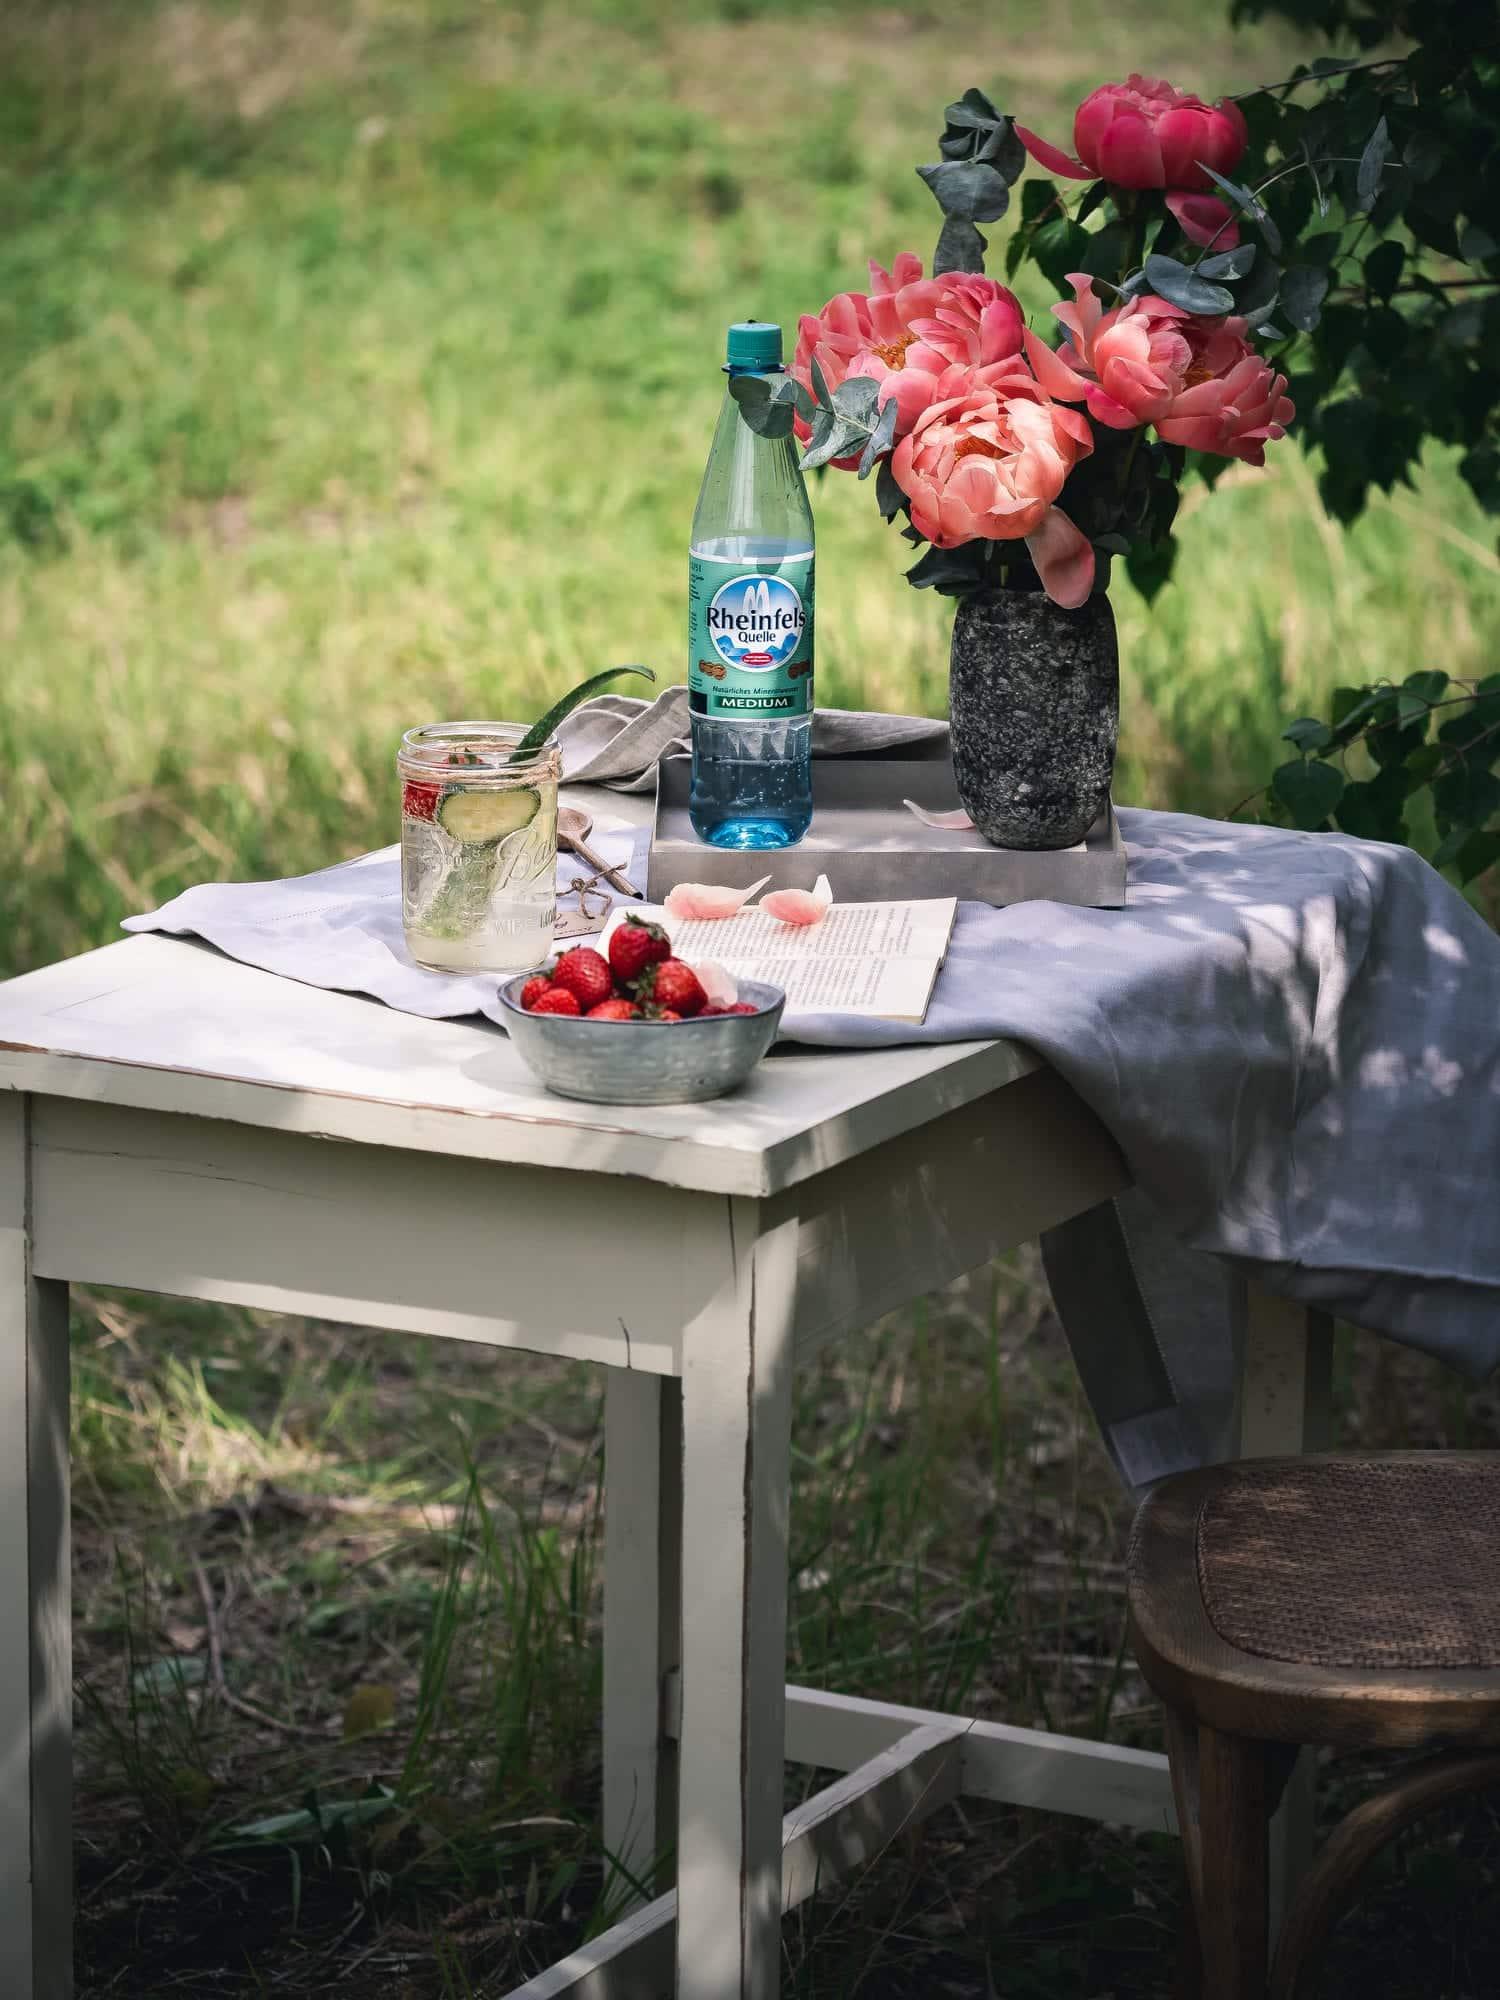 Aloe Vera Saft als Schorle auf Tisch im Garten